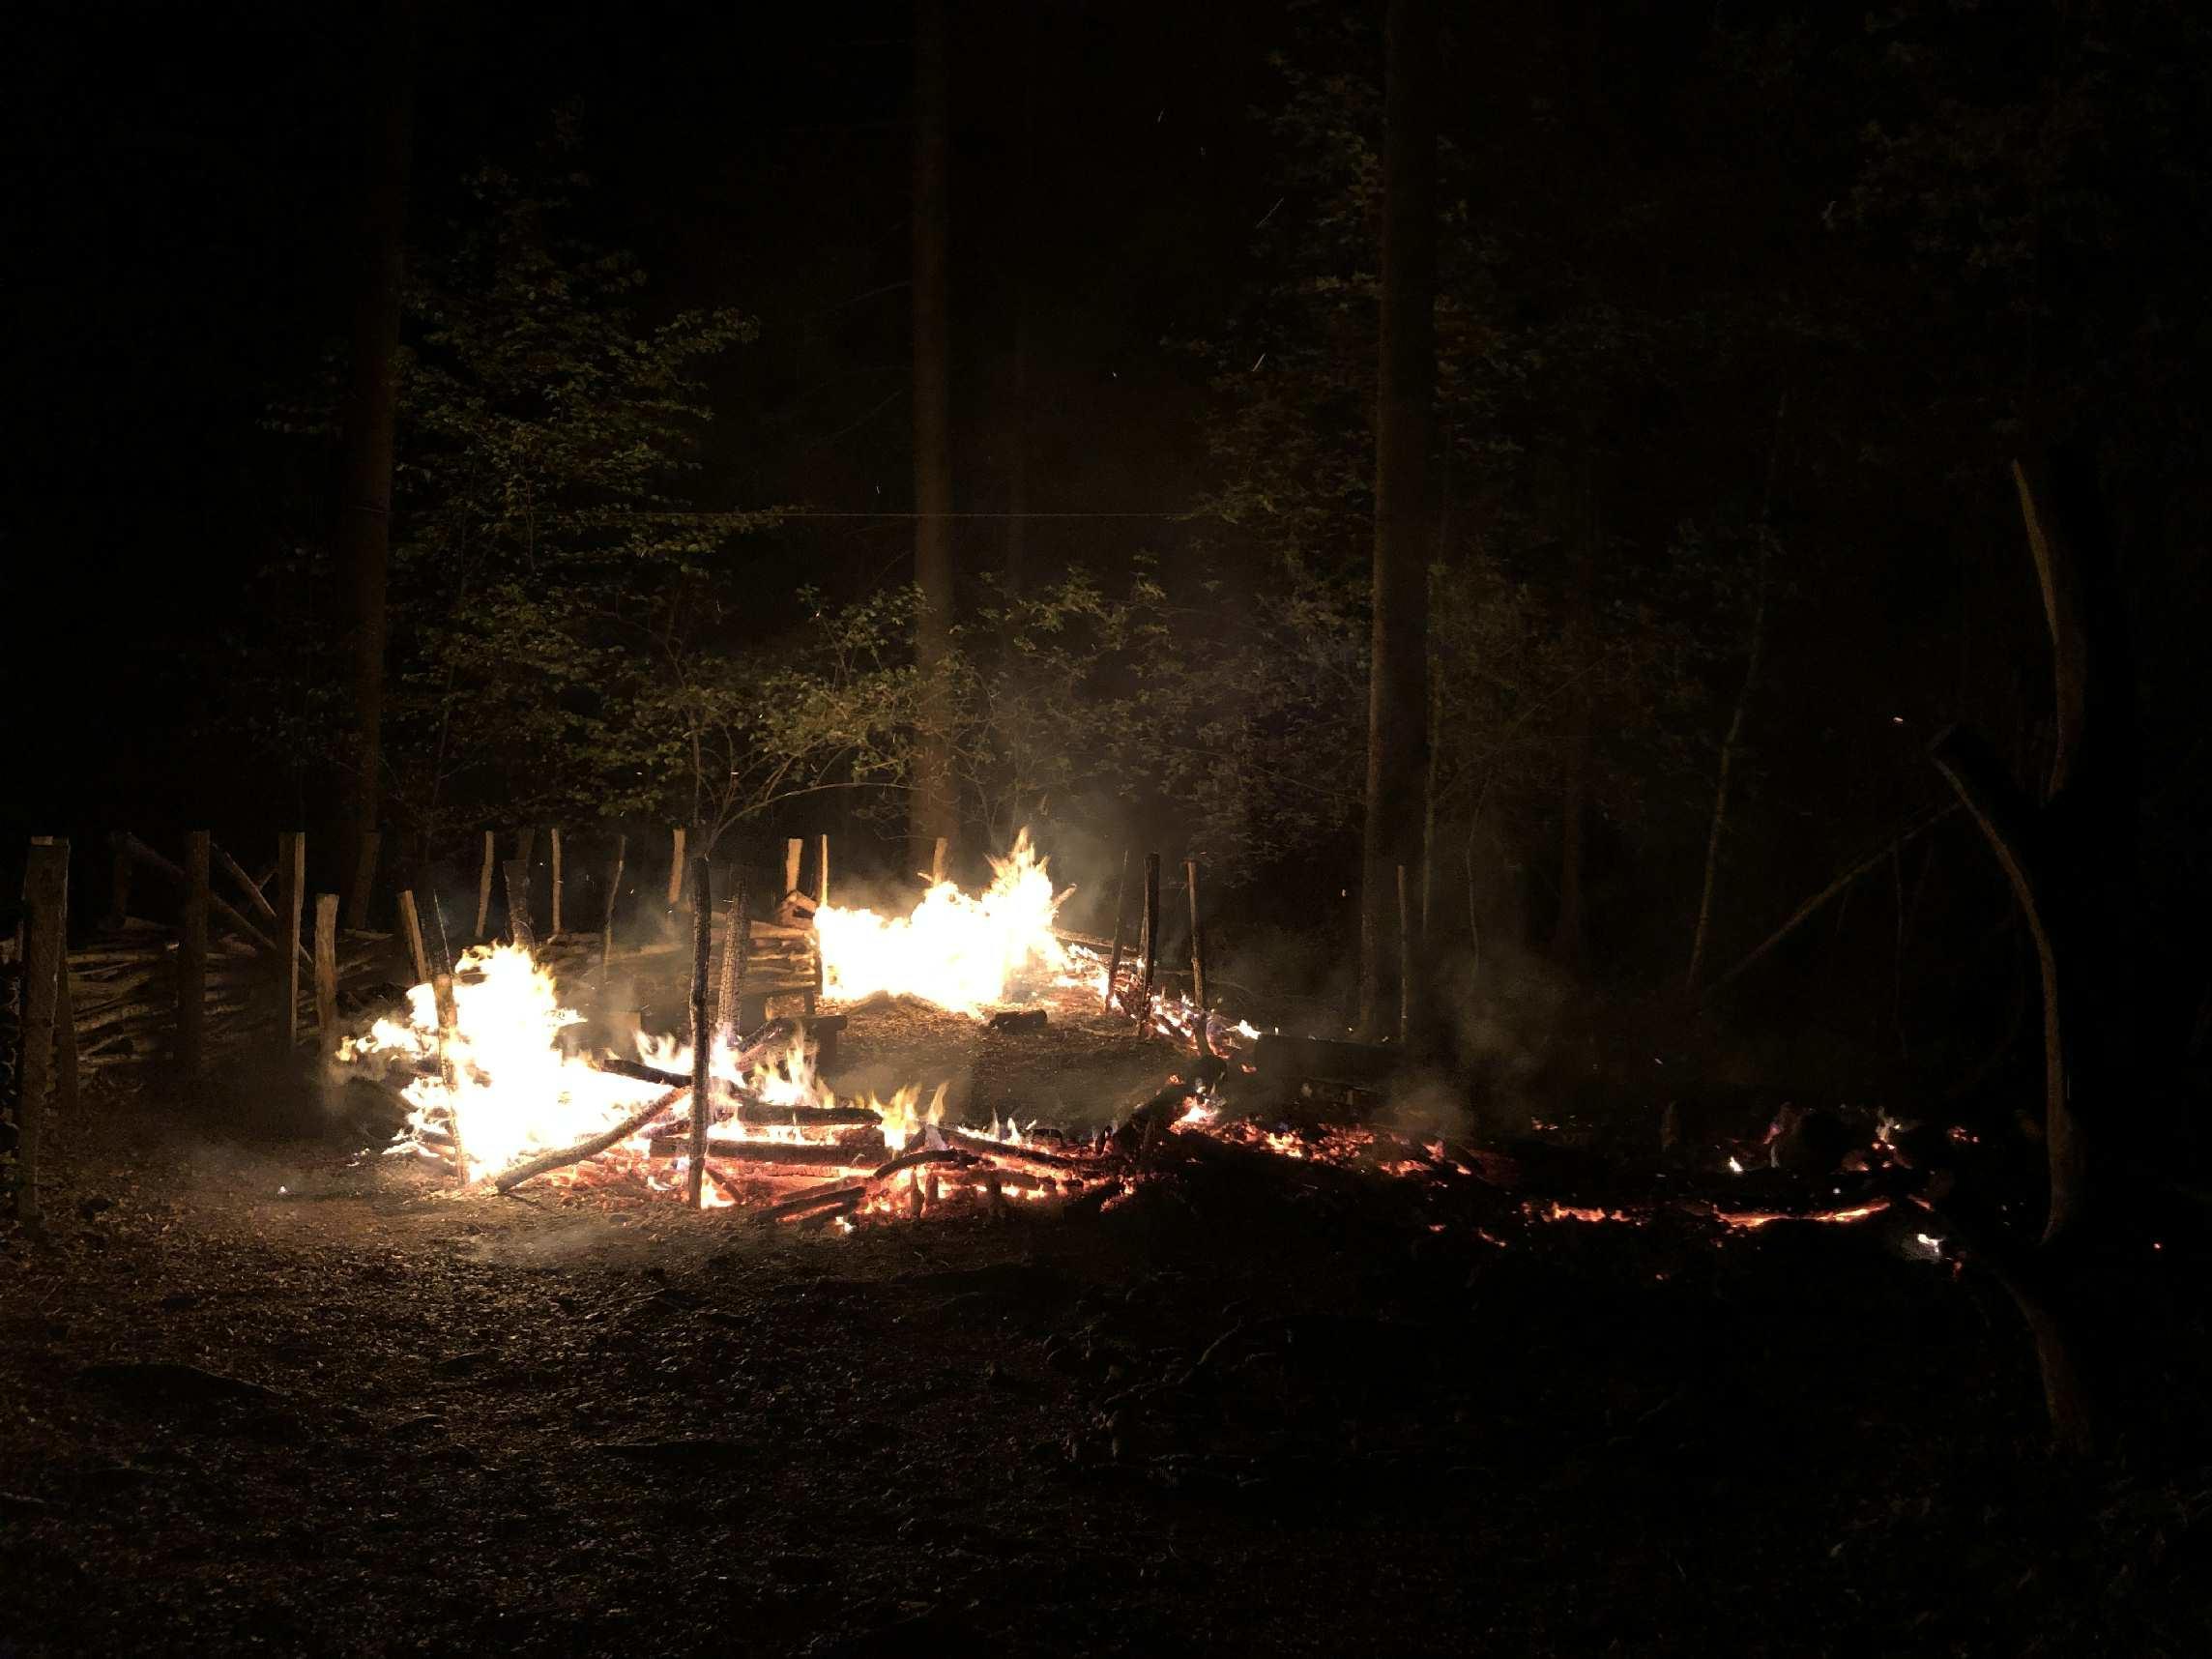 Deux incendies à quelques heures d'intervalle à Meyriez et Villars-sur-Glâne / Fahrlässiges Verhalten verursacht zwei Brände innerhalb weniger Stunden